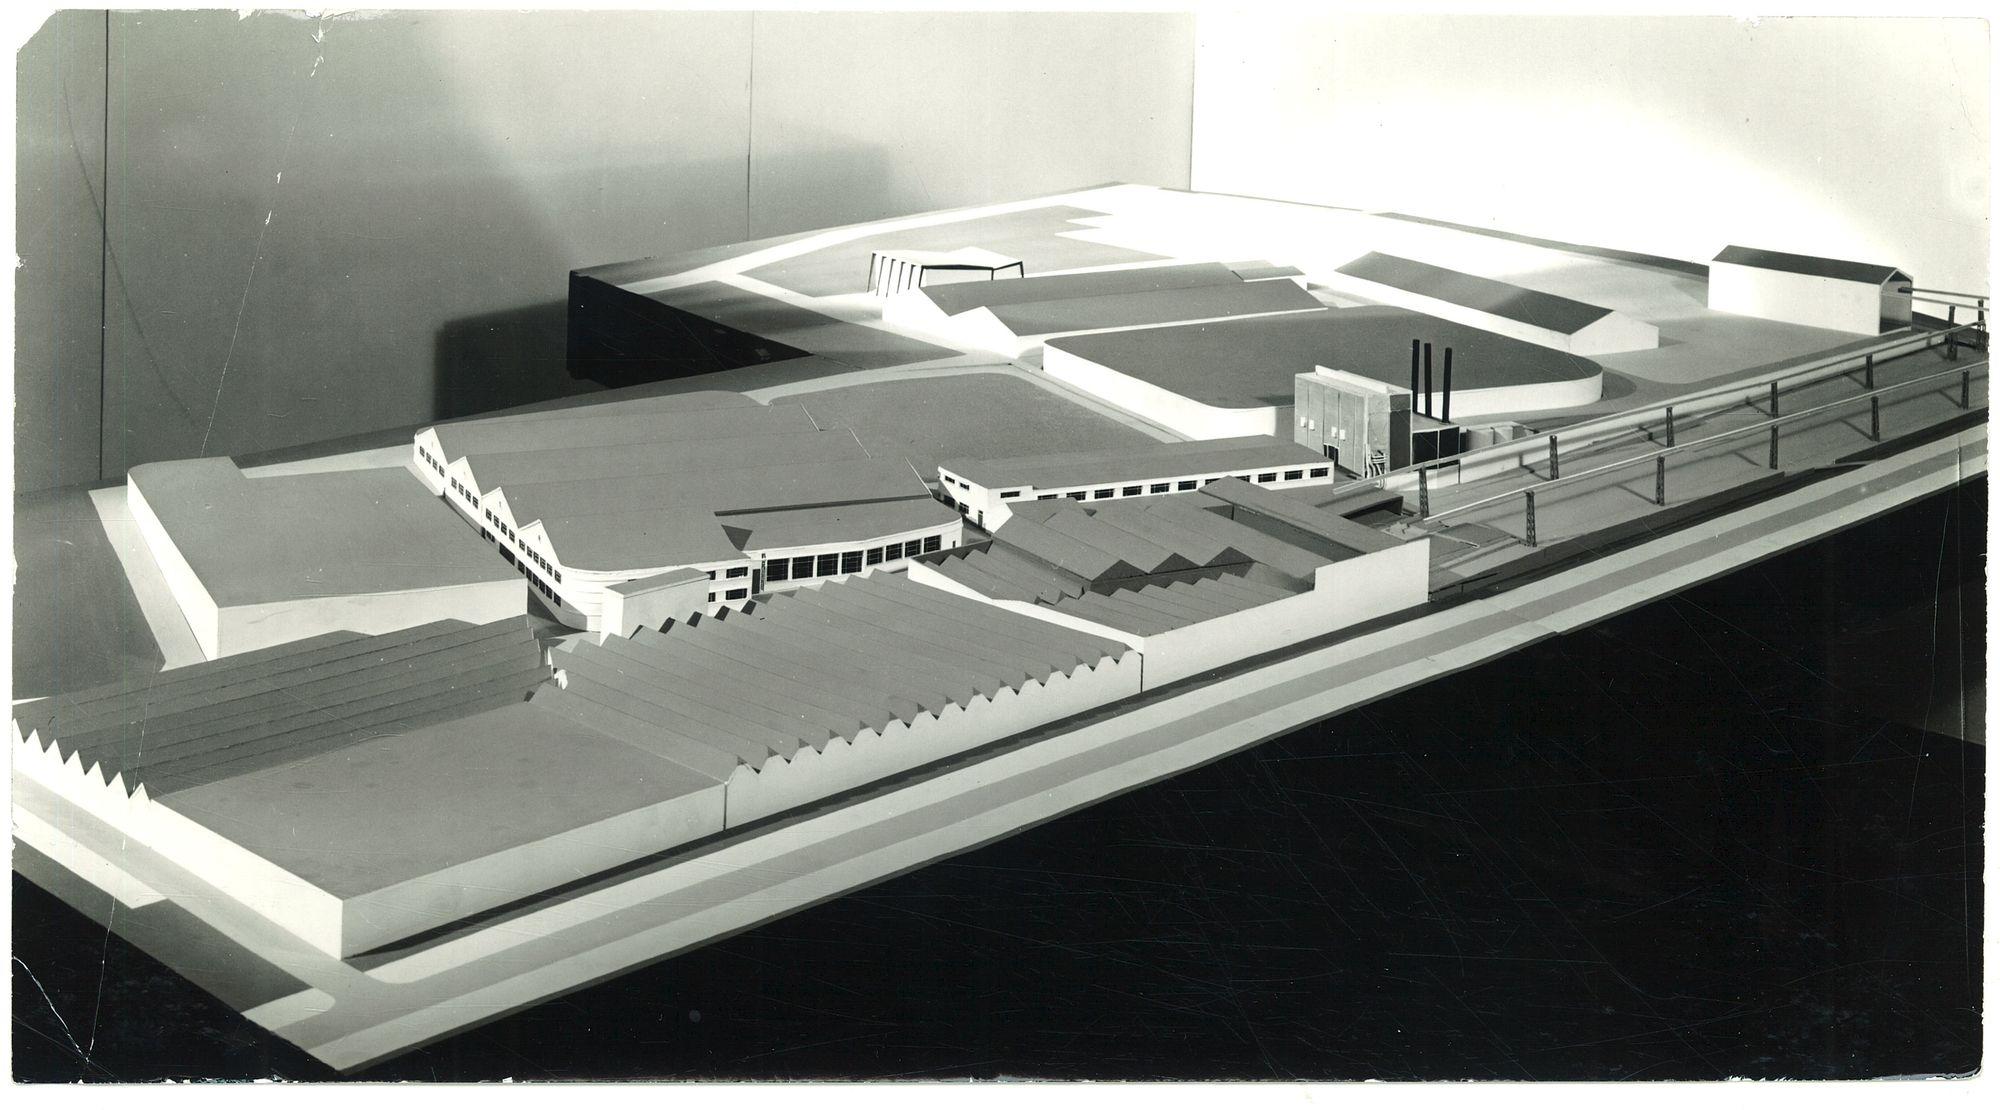 Maquette Expo 58